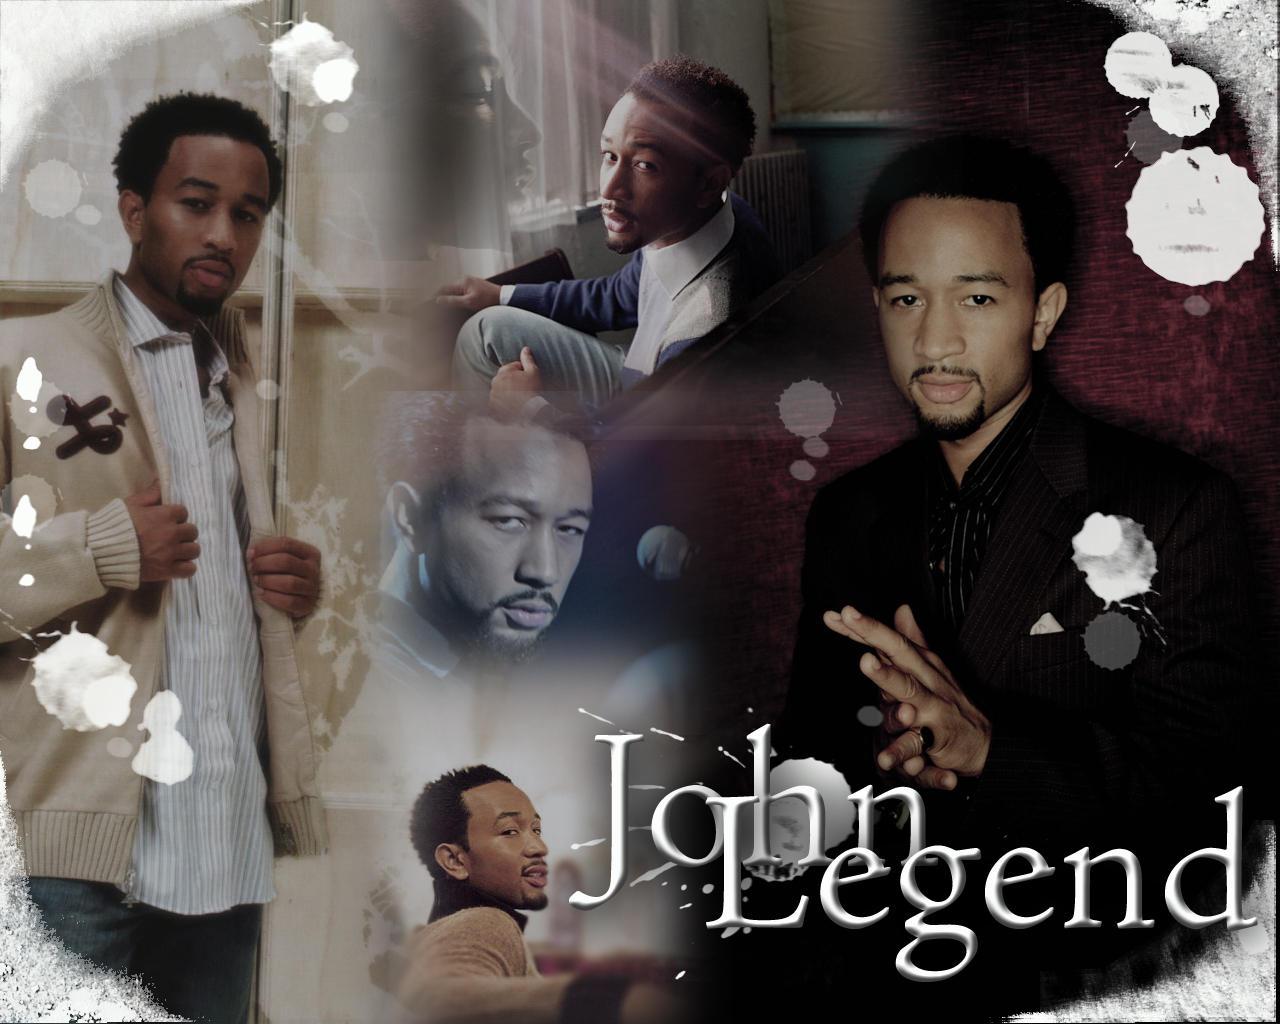 """John """"is a"""" Legend by Walkingwaffle"""